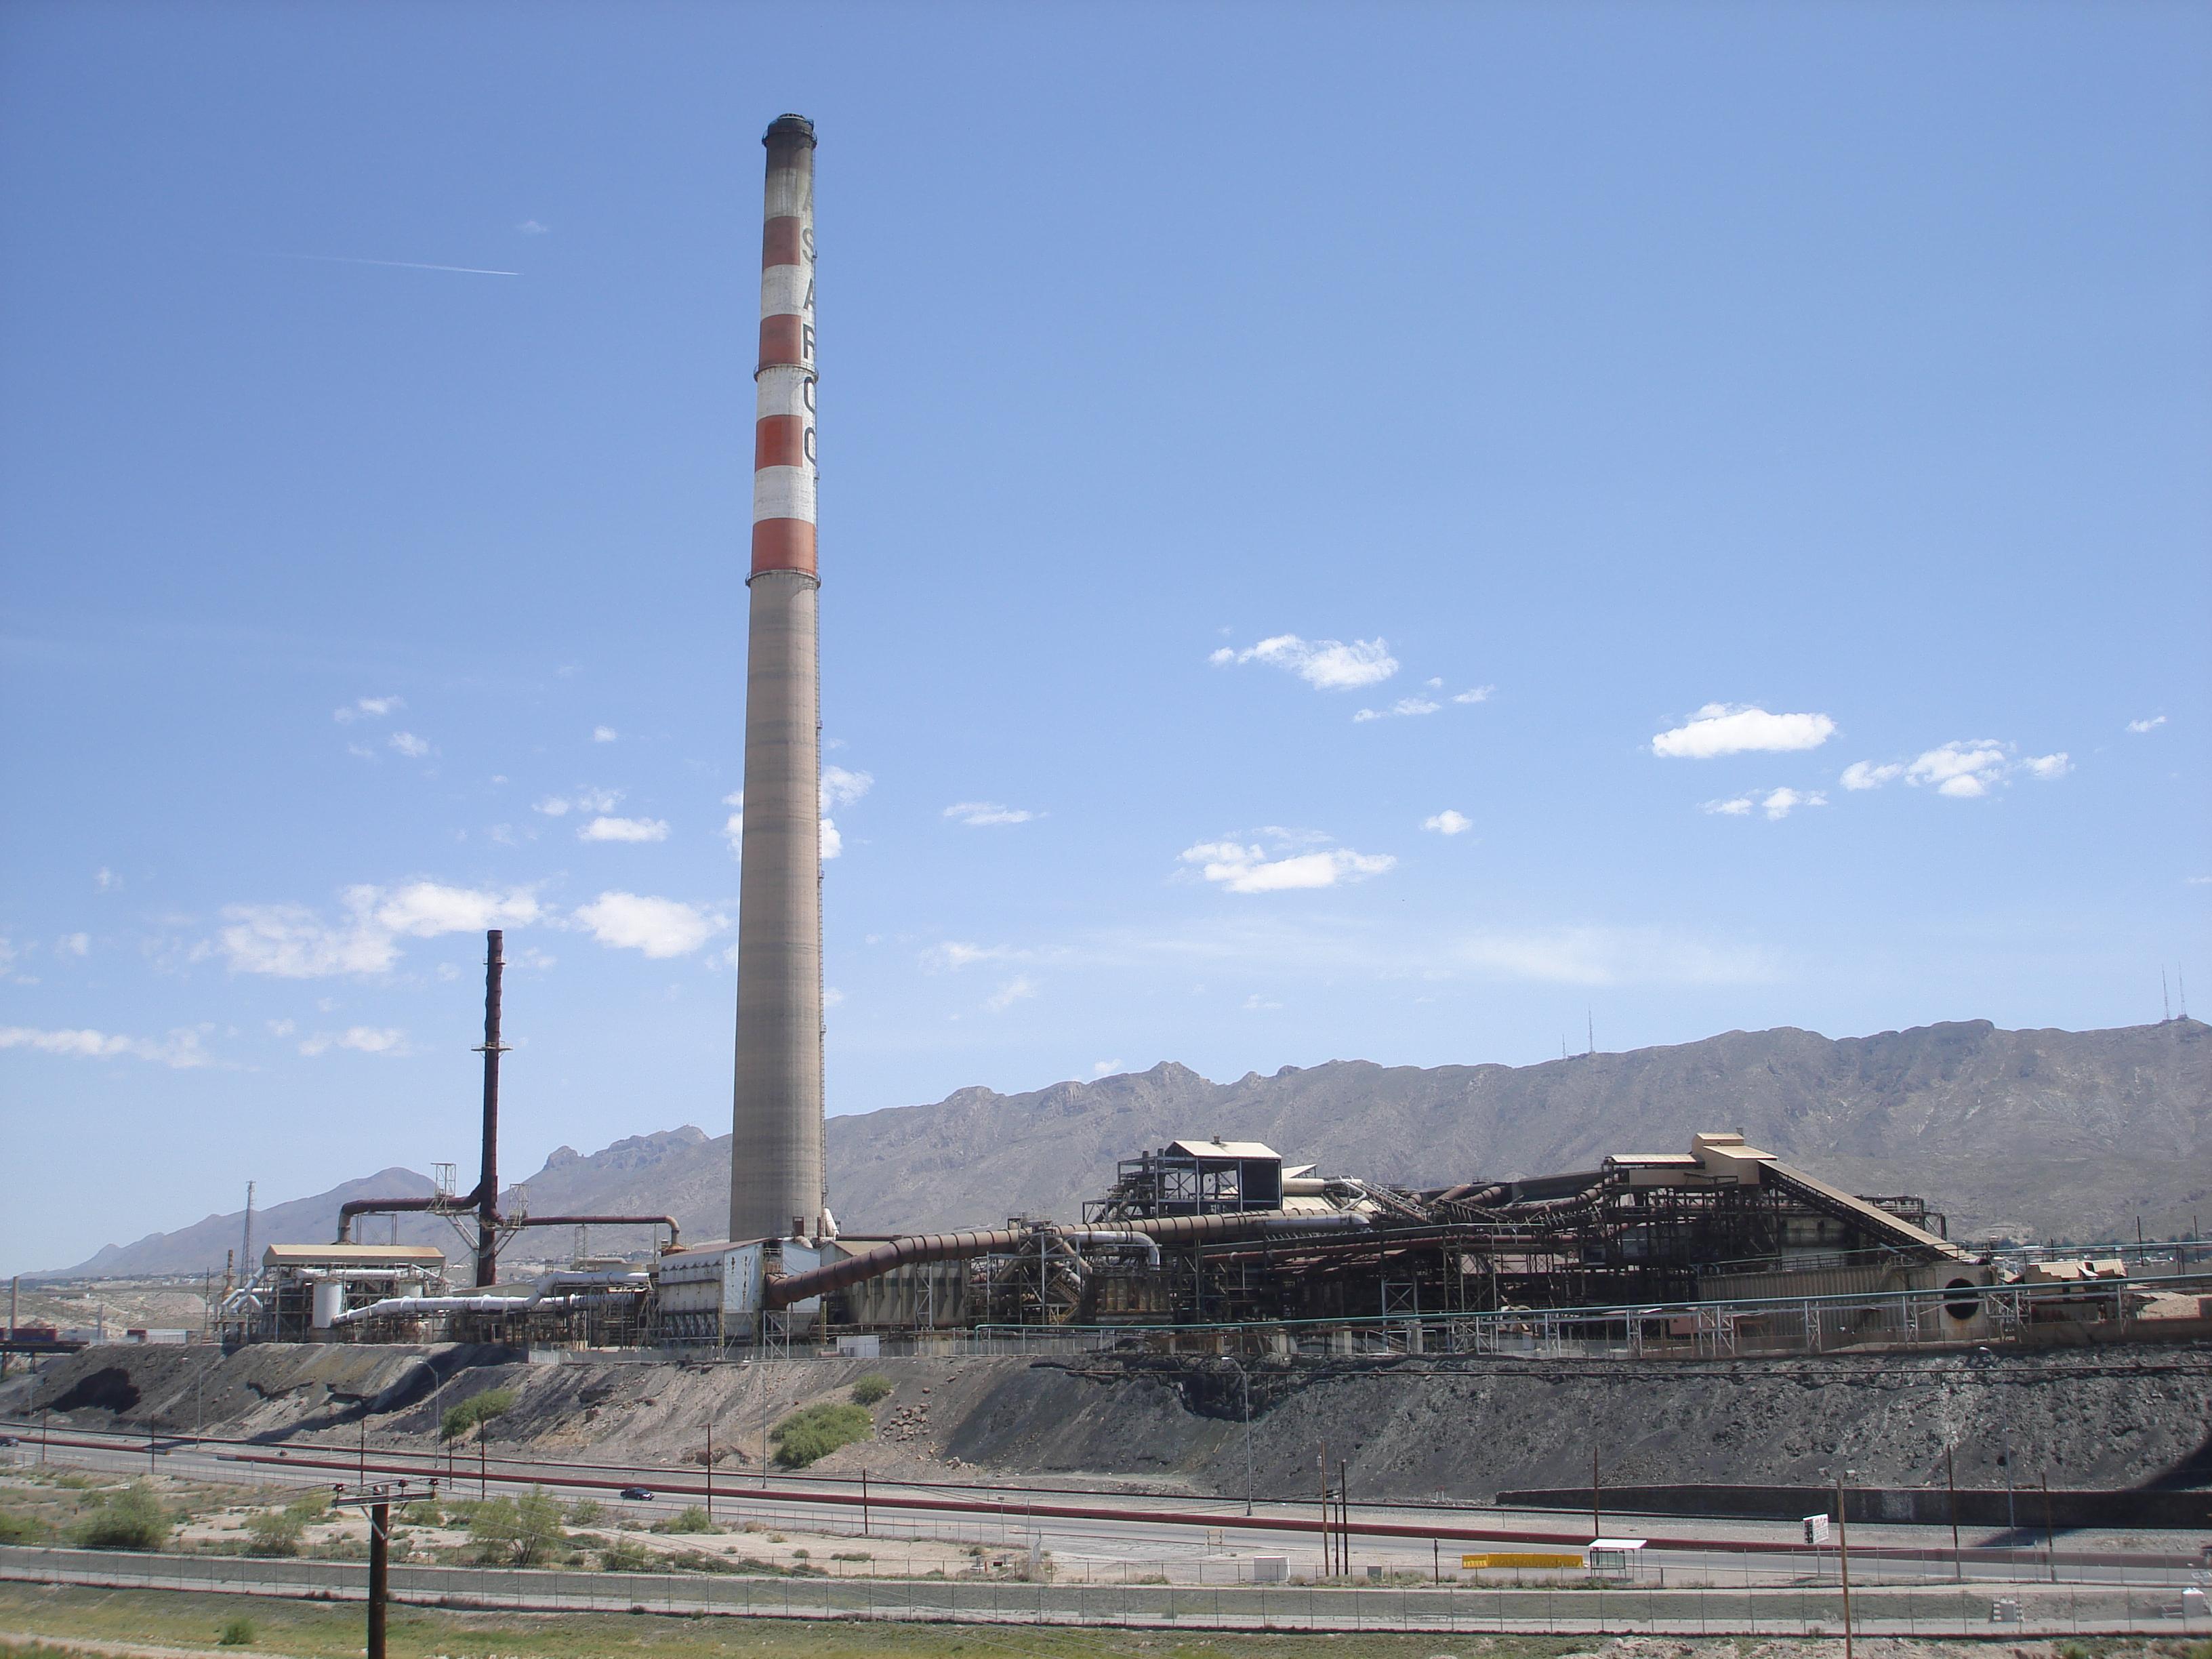 Asarco El Paso